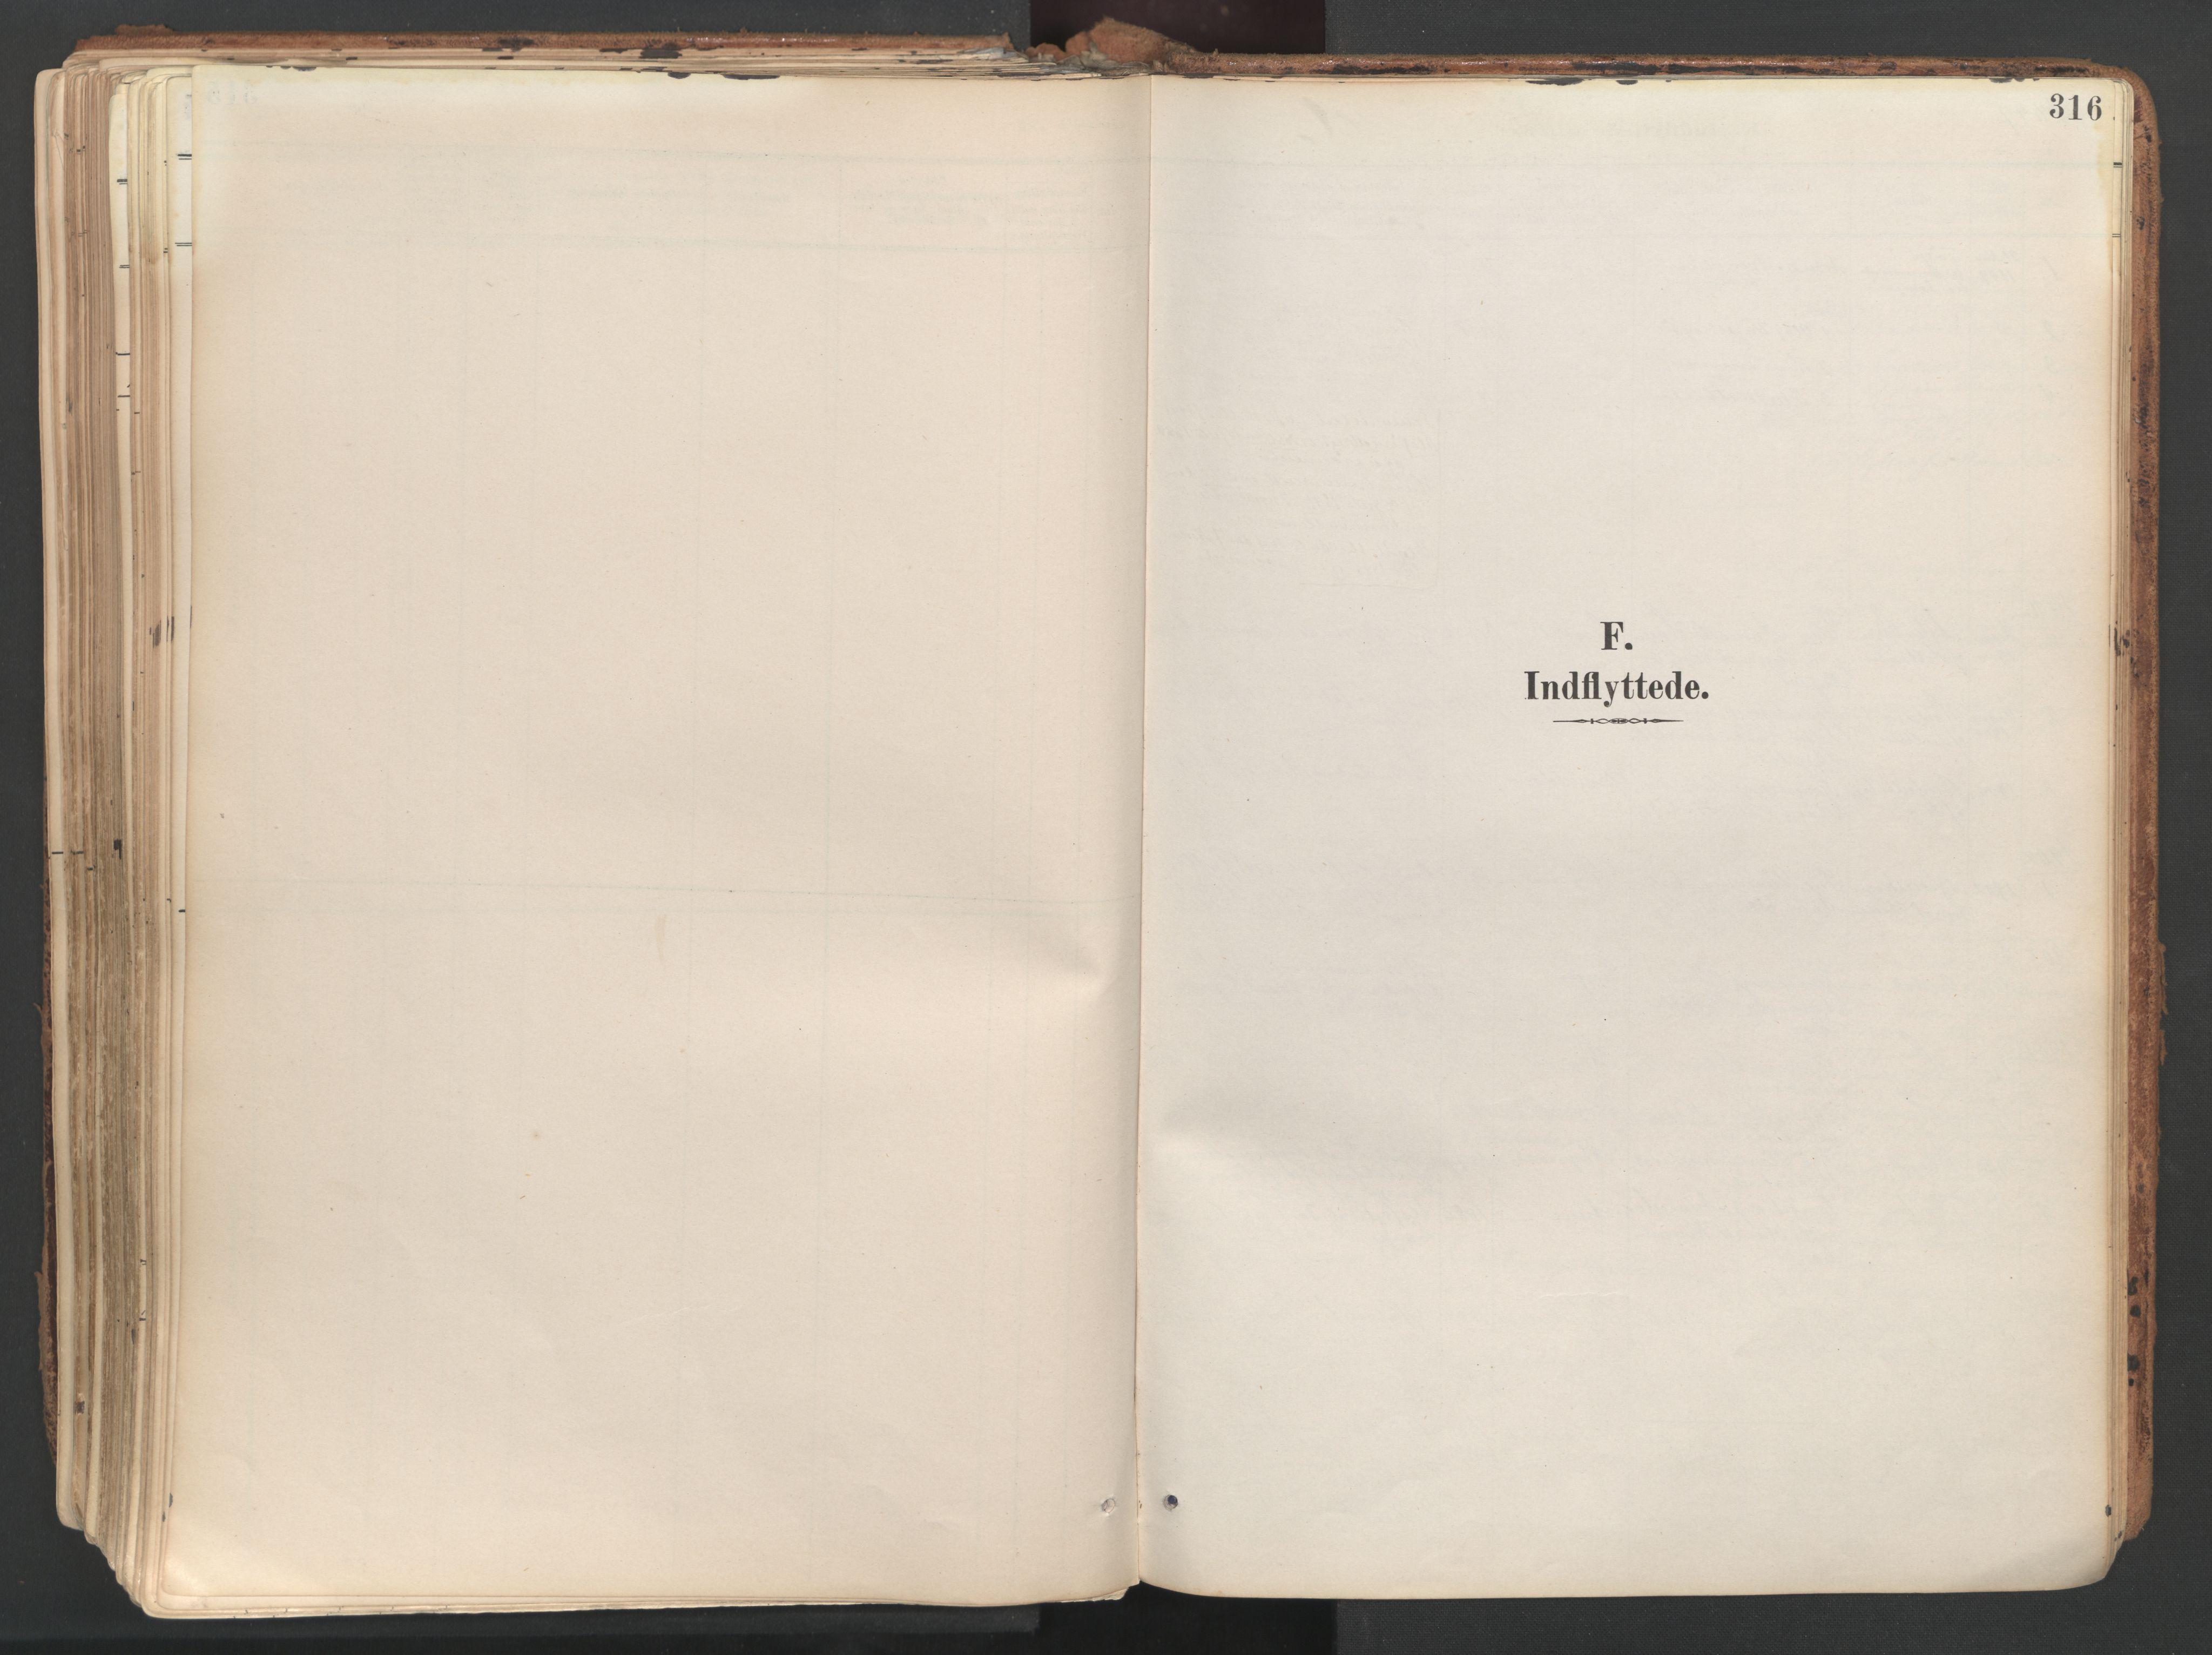 SAT, Ministerialprotokoller, klokkerbøker og fødselsregistre - Sør-Trøndelag, 687/L1004: Ministerialbok nr. 687A10, 1891-1923, s. 316